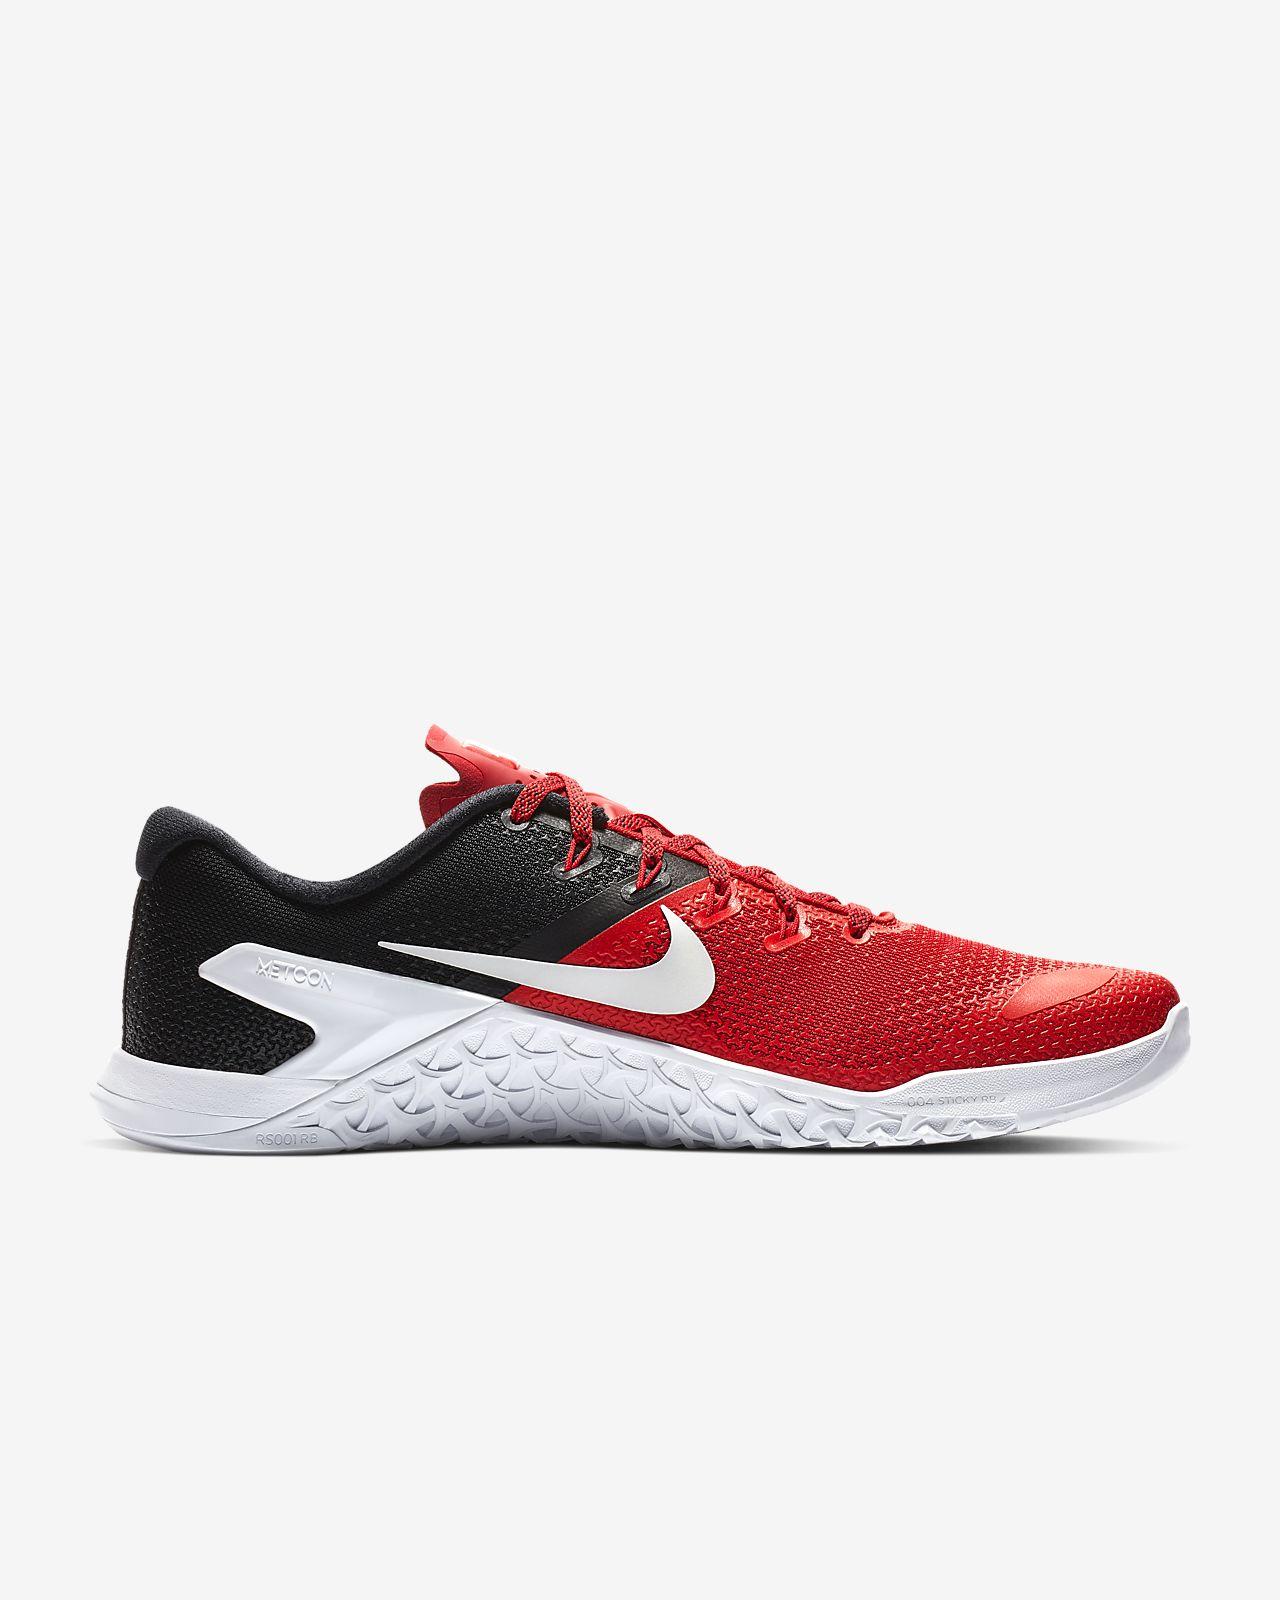 separation shoes 7280e 5cce4 ... Chaussure de cross-training et de renforcement musculaire Nike Metcon 4  pour Homme